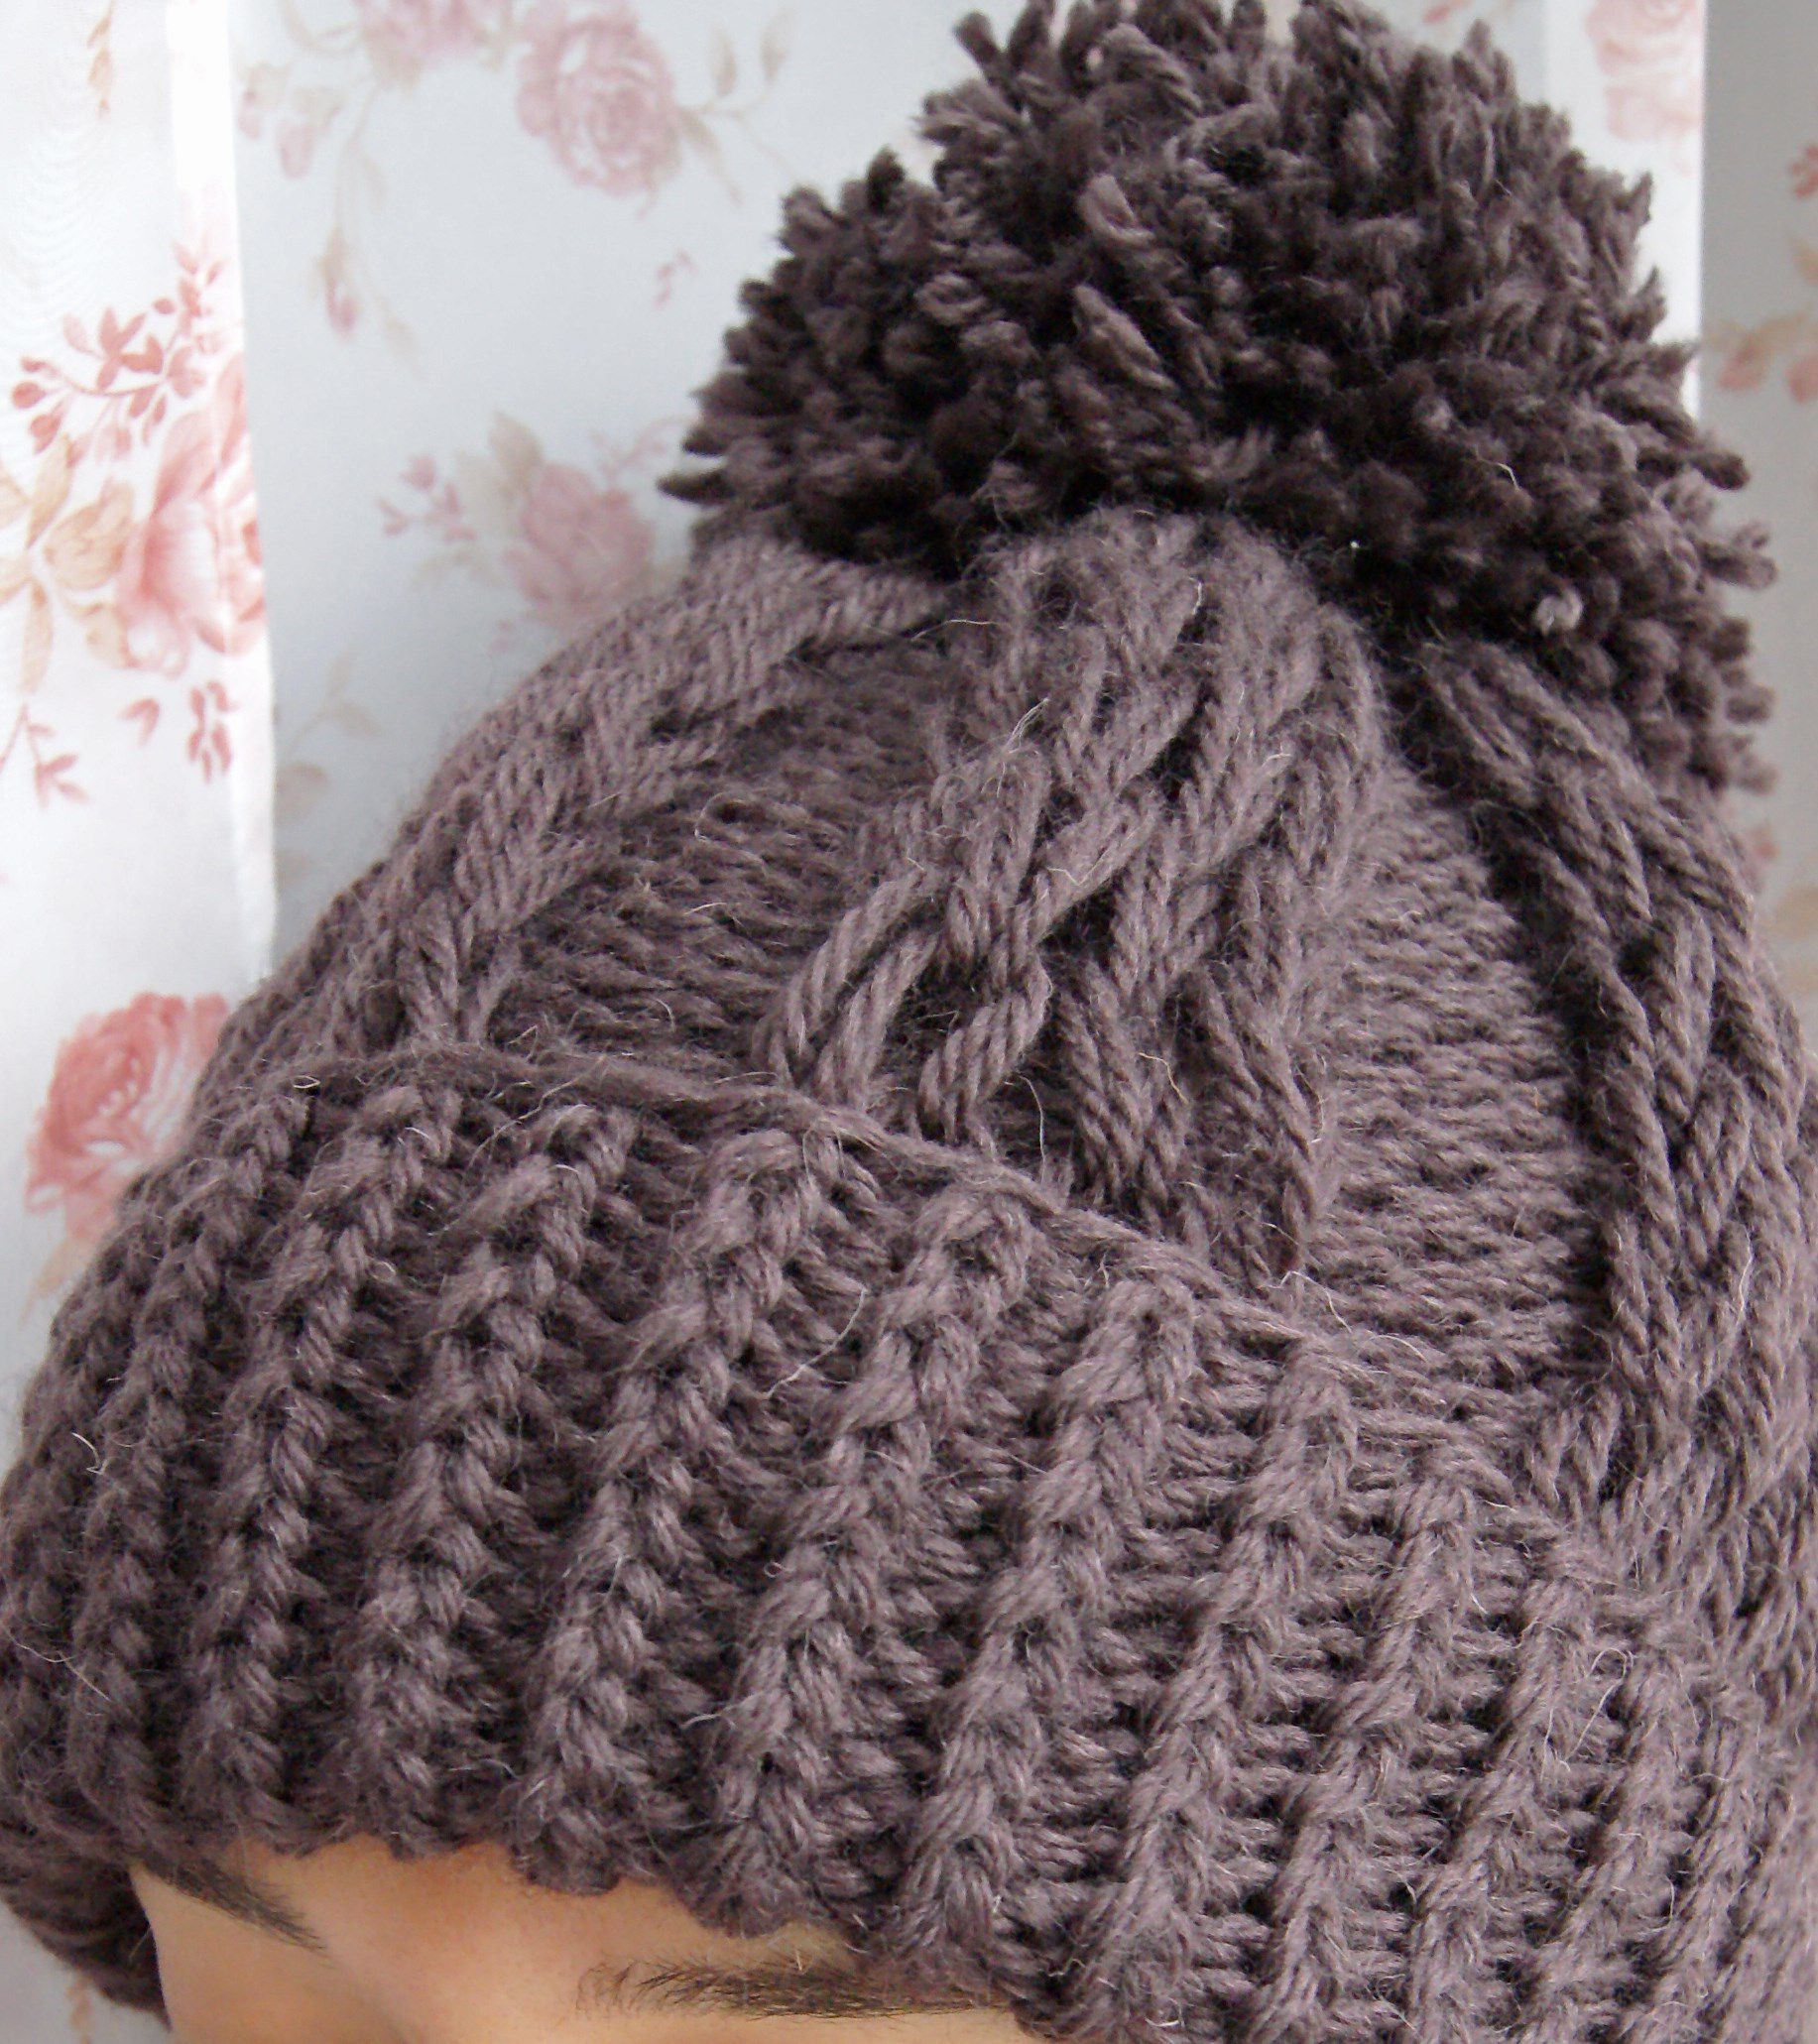 дляженщин женщинам зефир уют. шоколад женскаяшапка вяжутнетолькобабушки головнойубор вязаниеназаказ вяжуназаказ шапка вязание аксессуар тепло зима